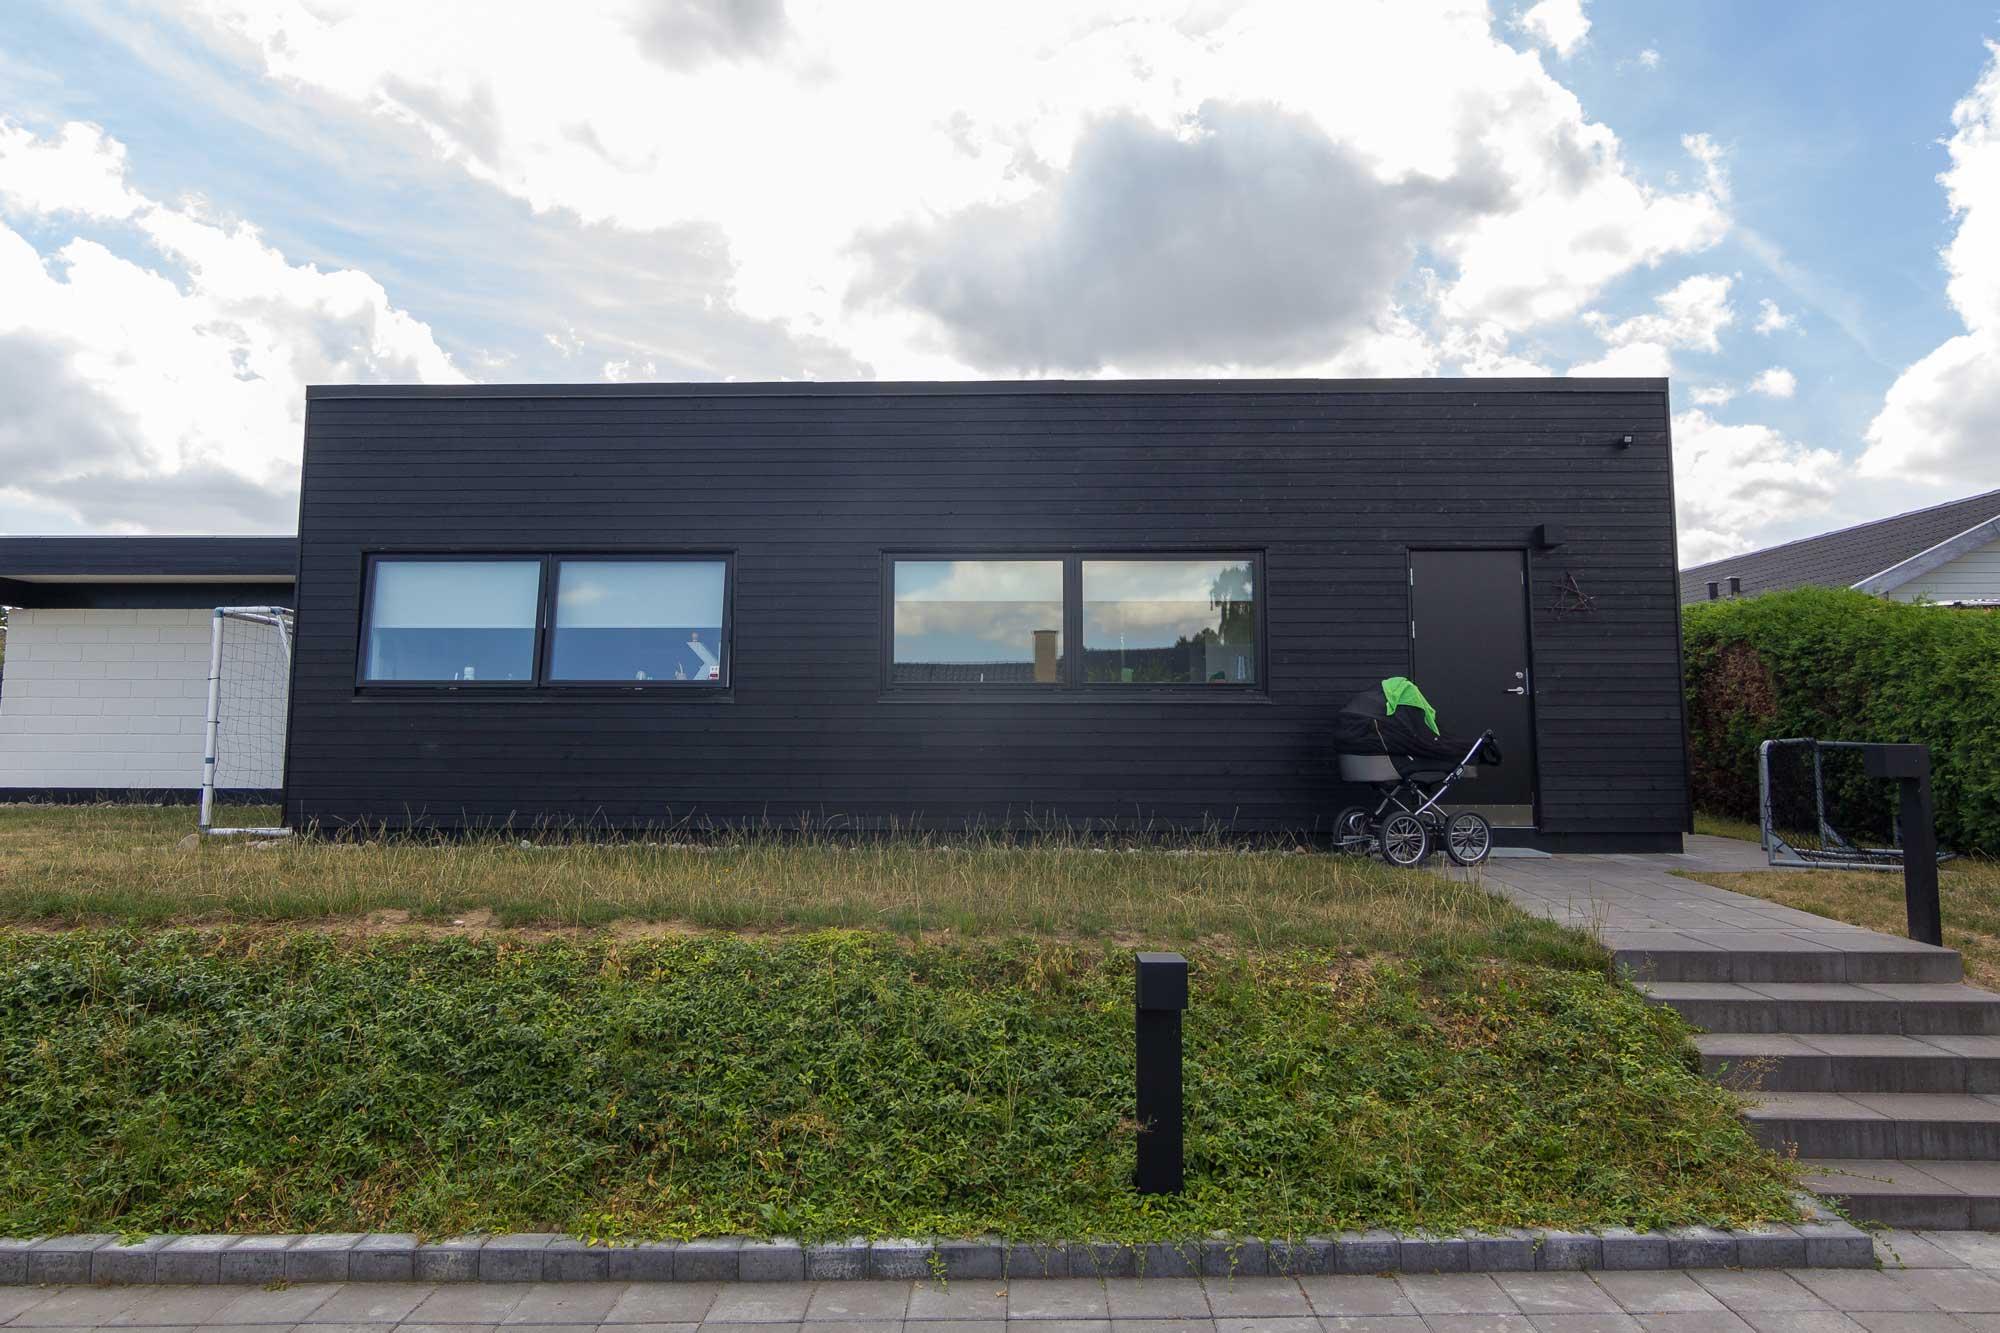 Breidavej_2_Odense_NV-4